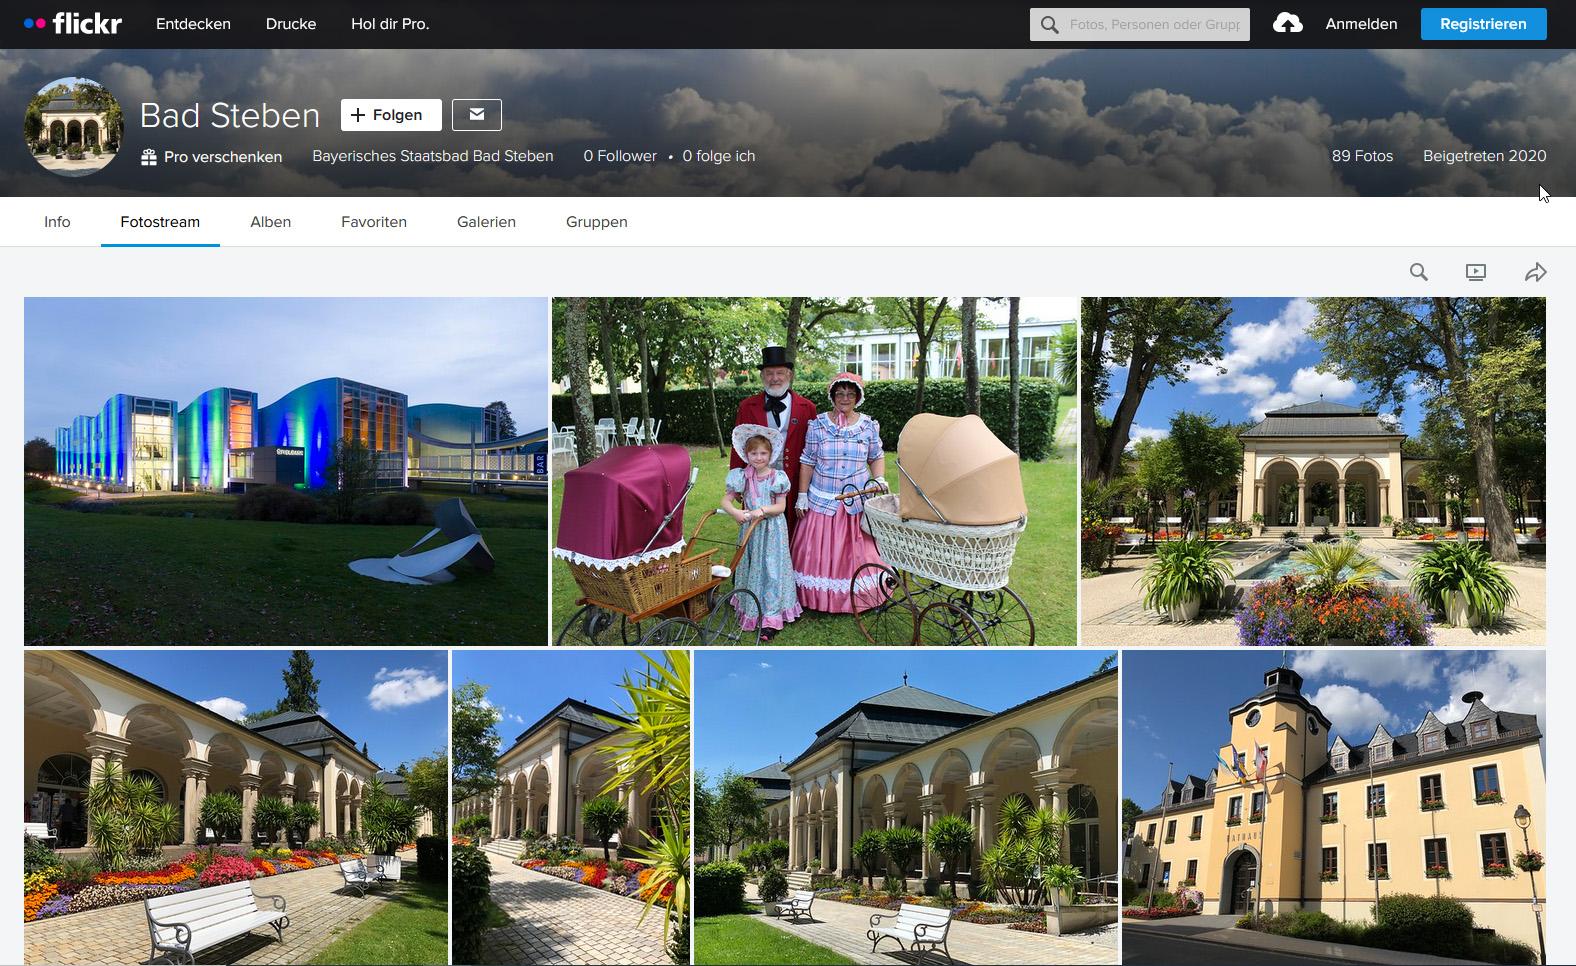 Bilder-Portal des Bayerischen Staatsbades Bad Steben, Presse